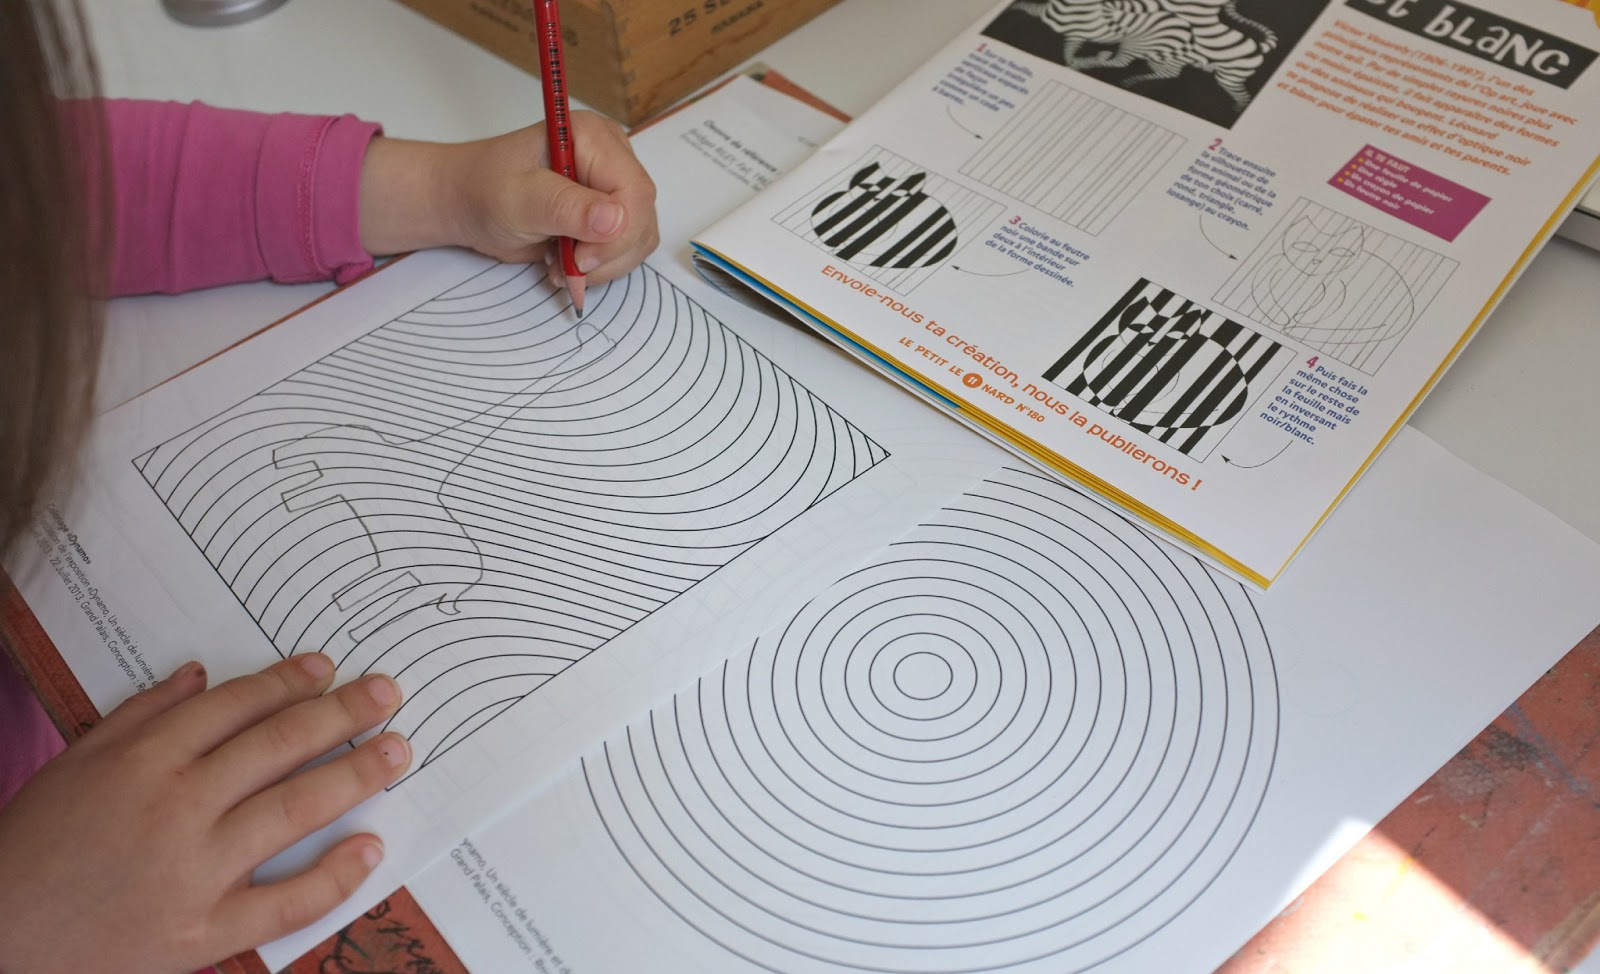 Julie adore dimanche dessin avec de l 39 illusion optique - Mini coloriage illusion d optique ...